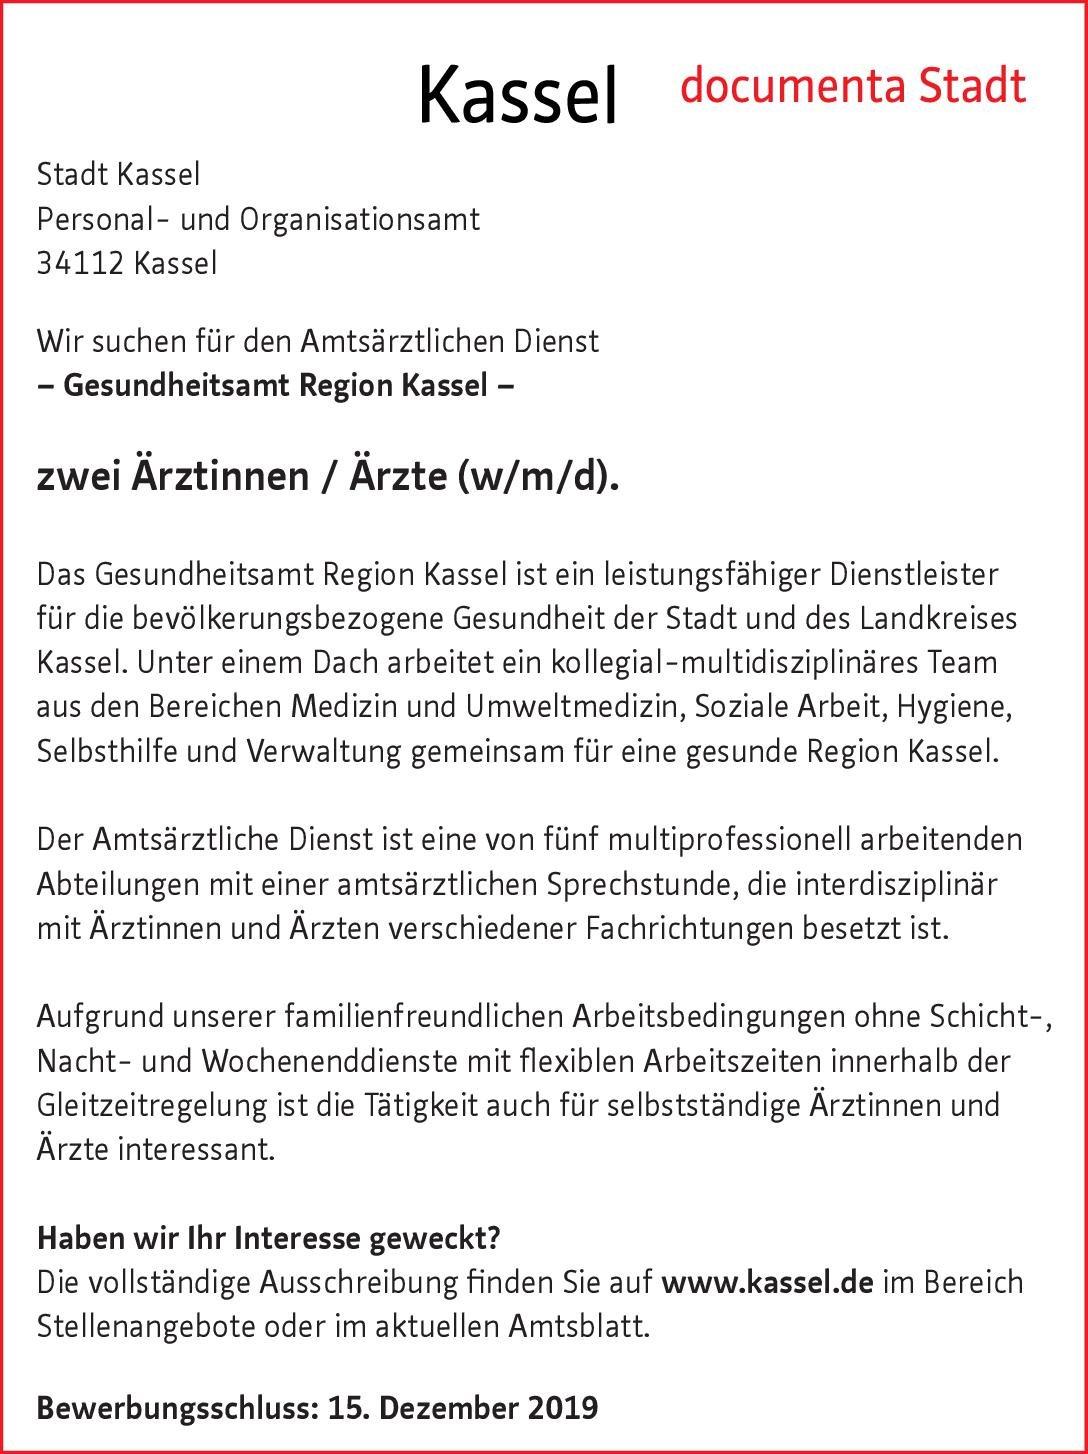 Stadt Kassel Zwei Ärztinnen / Ärzte (w/m/d) * ohne Gebiete Arzt / Facharzt